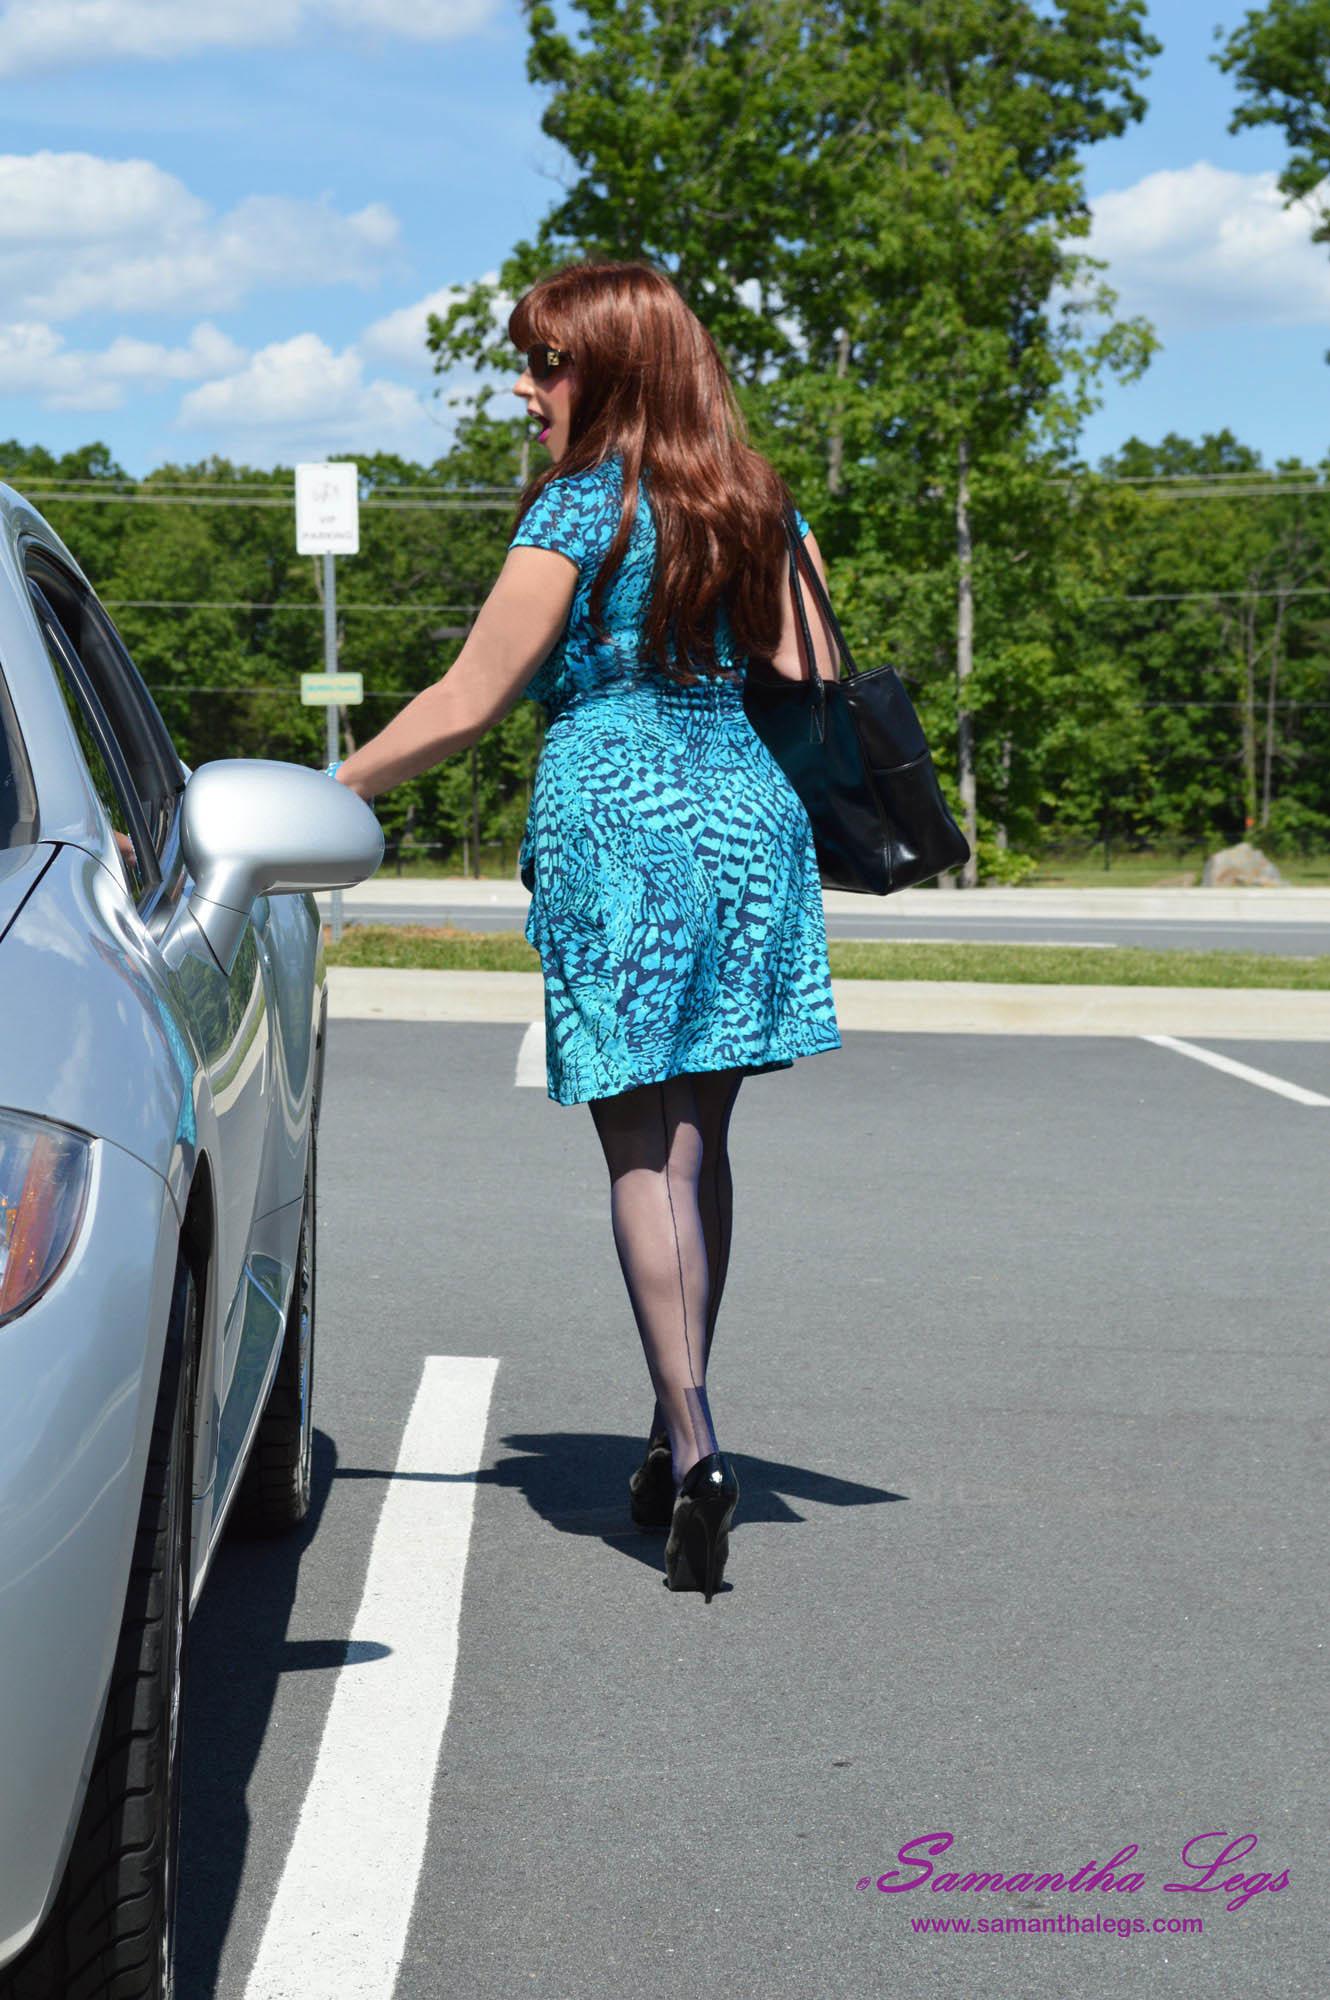 Обеспеченная зрелка едет на работу, выглядит просто сногсшибательно в чулках и на высоком каблуку, а ее декольте просто супер!